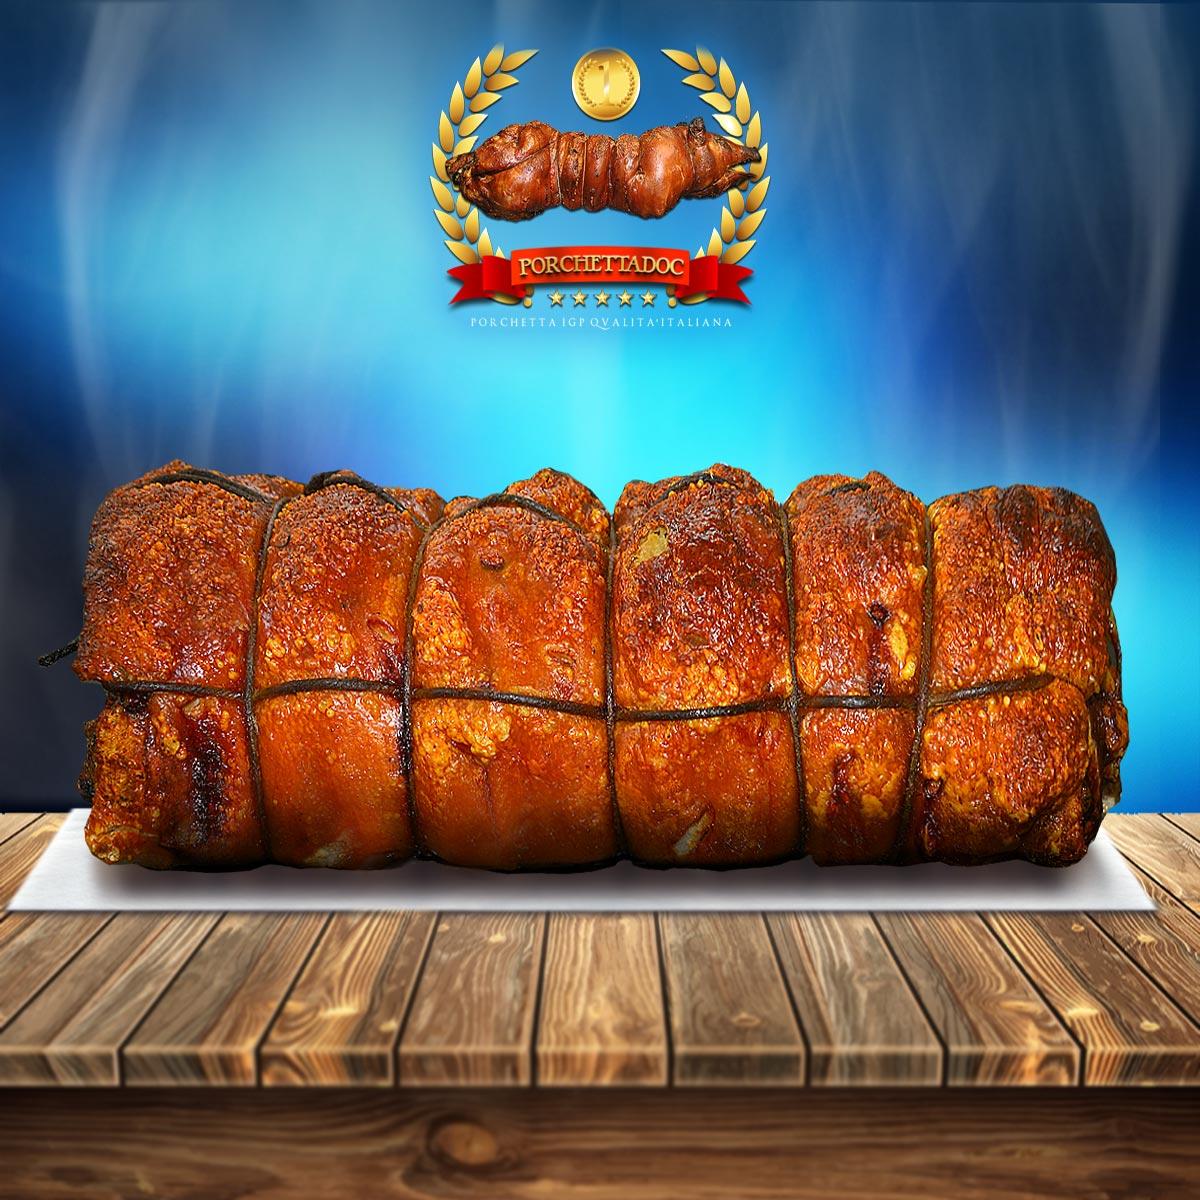 Tronchetto IGP di porchetta di Ariccia IGP caldo ricevilo a domicilio in 24-48 ore Tronchetto di porchetta ricetta